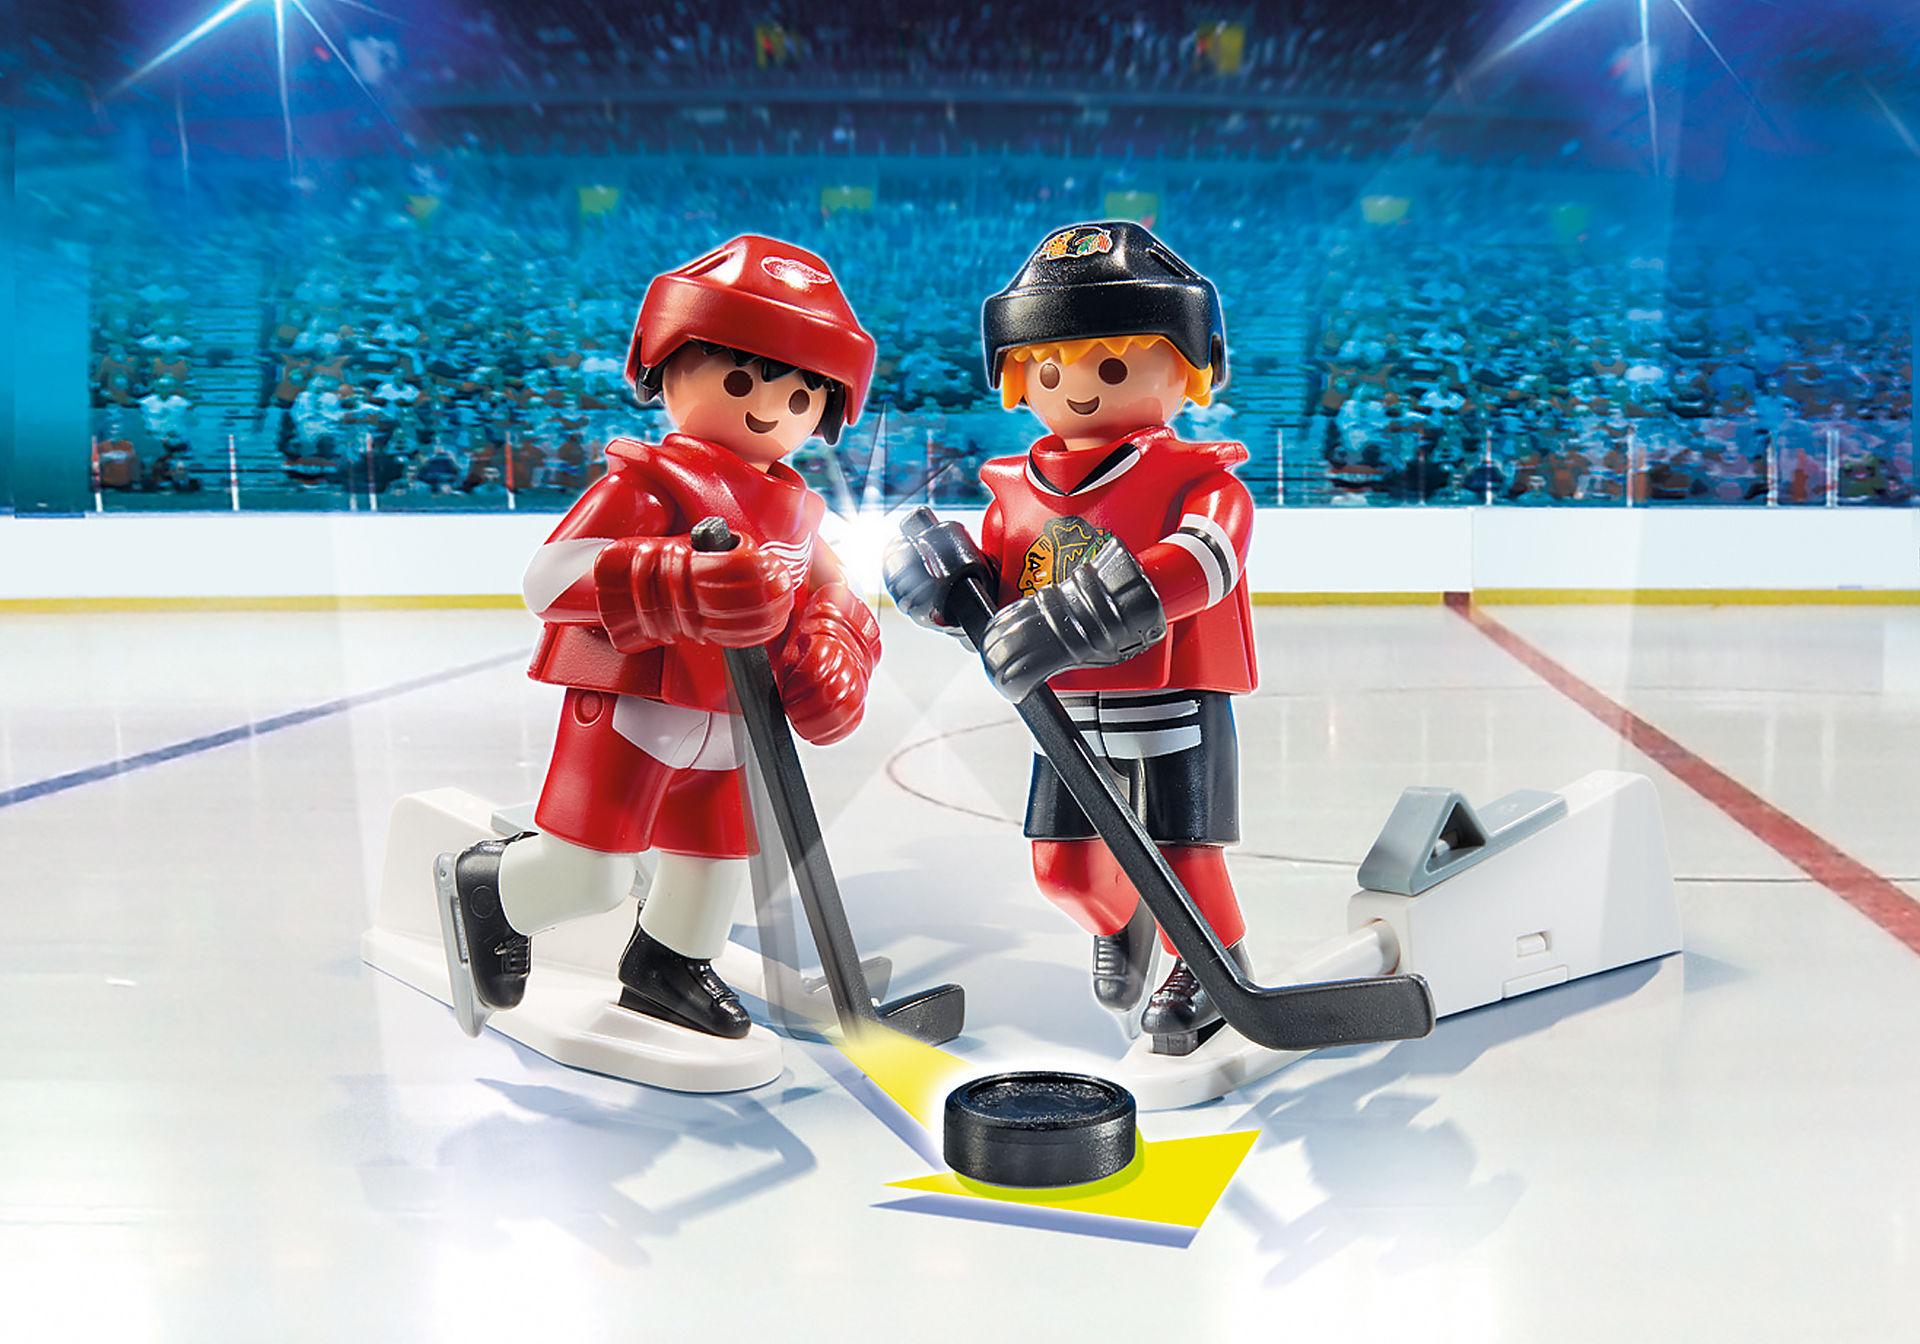 http://media.playmobil.com/i/playmobil/9014_product_detail/NHL® Blister Detroit Red Wings® vs Chicago Blackhawks®